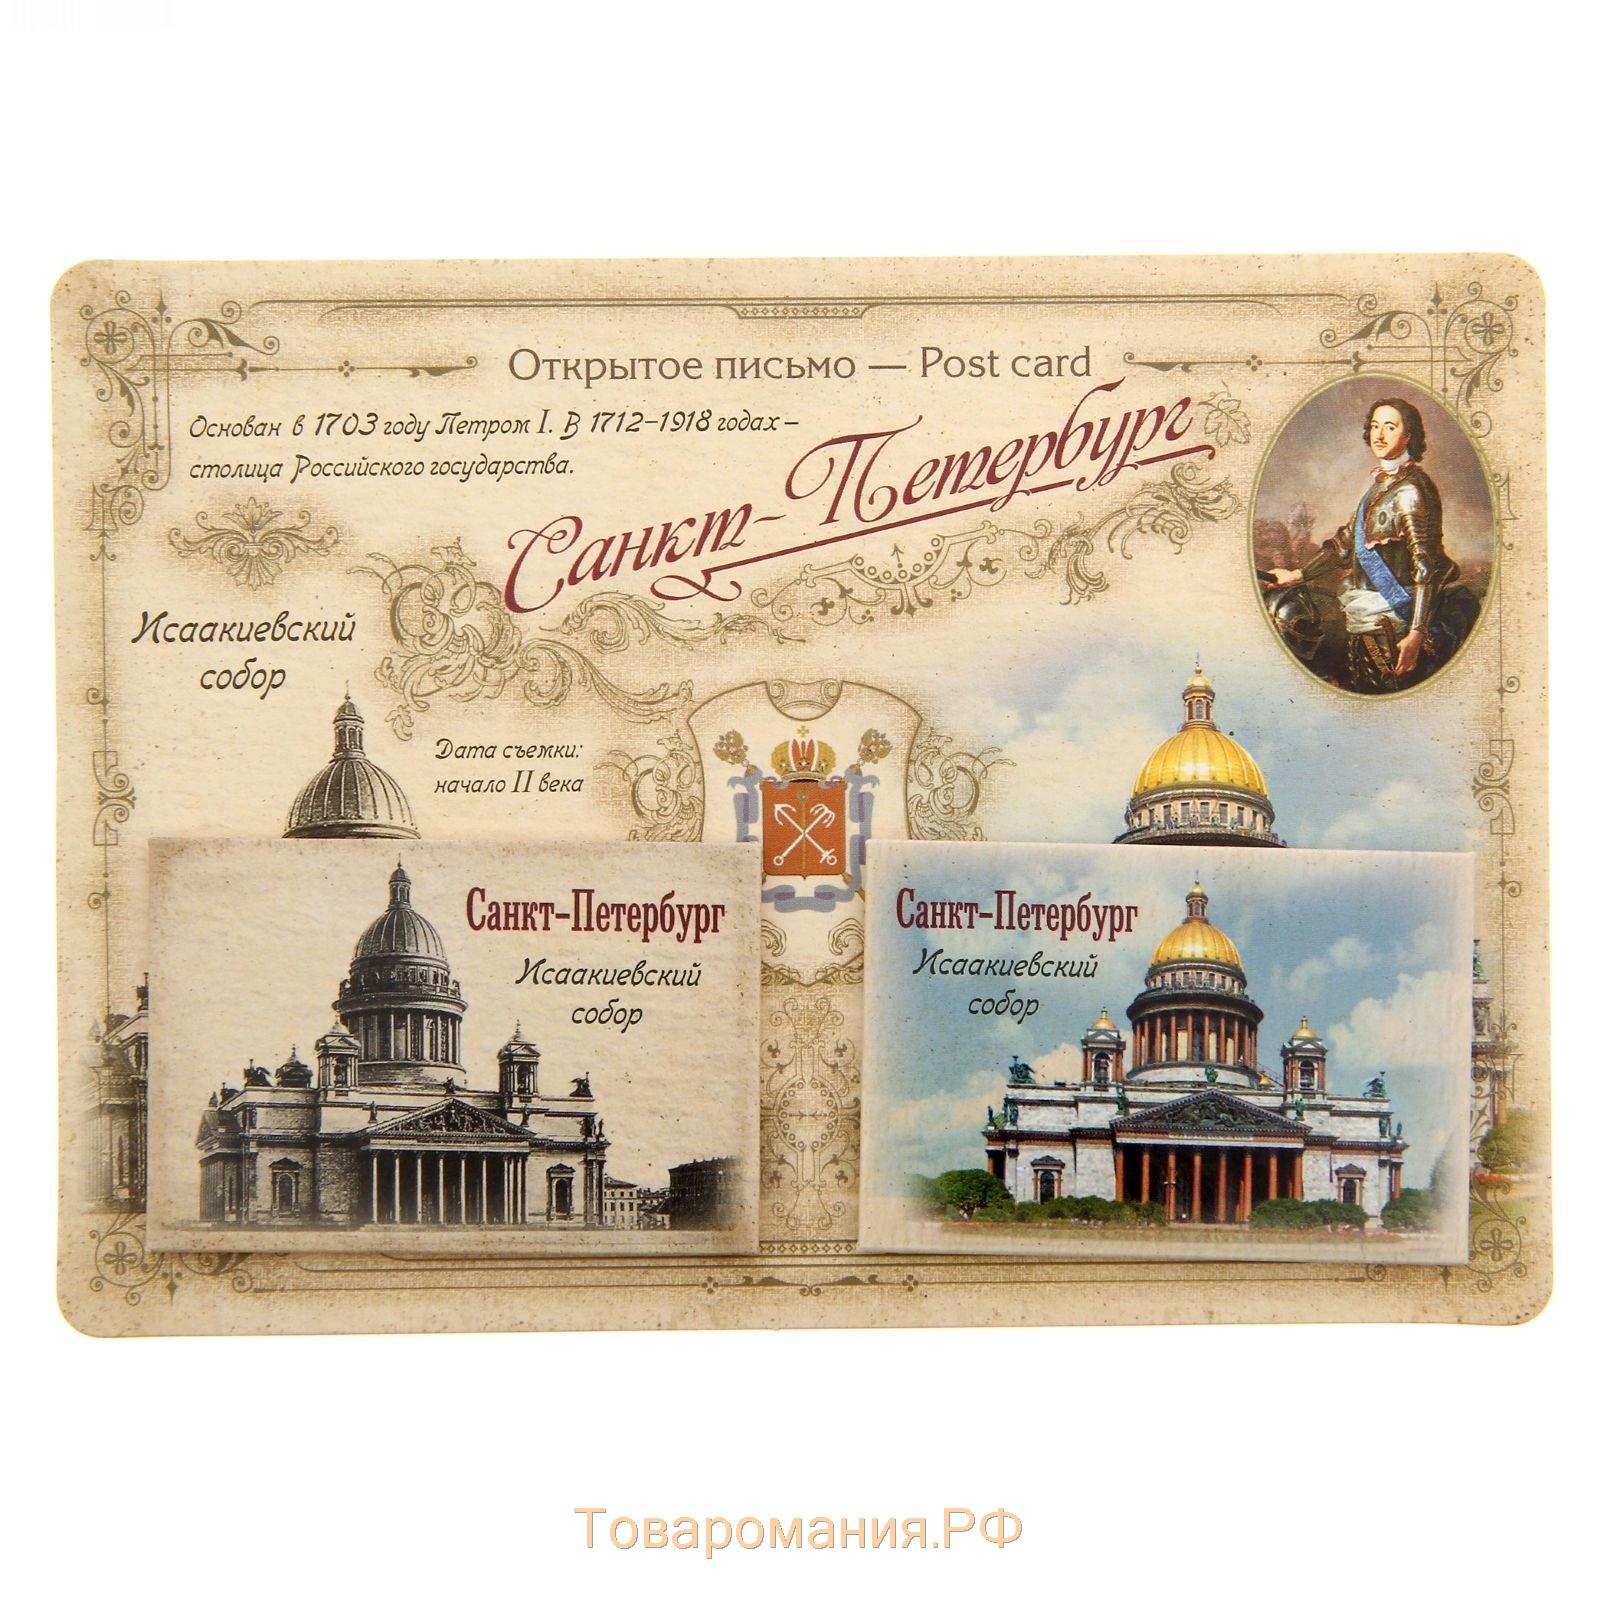 Открытки подруге, виды сувенирных открыток